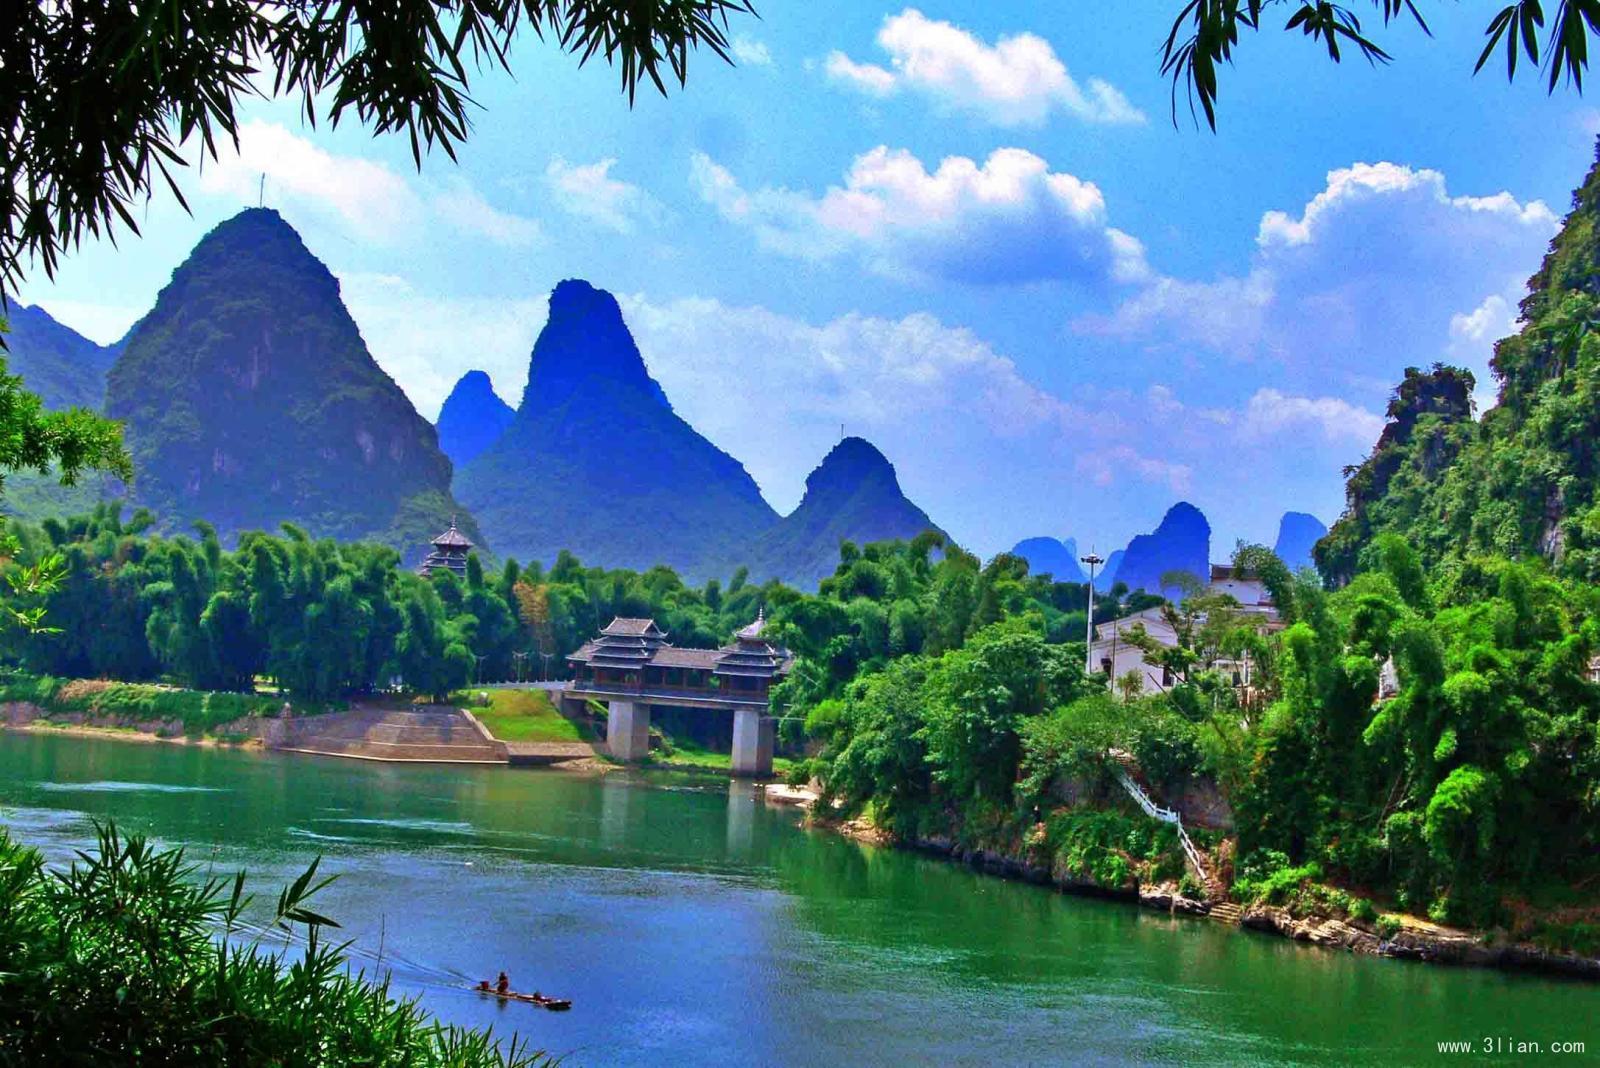 壁纸 风景 山水 桌面 1600_1068